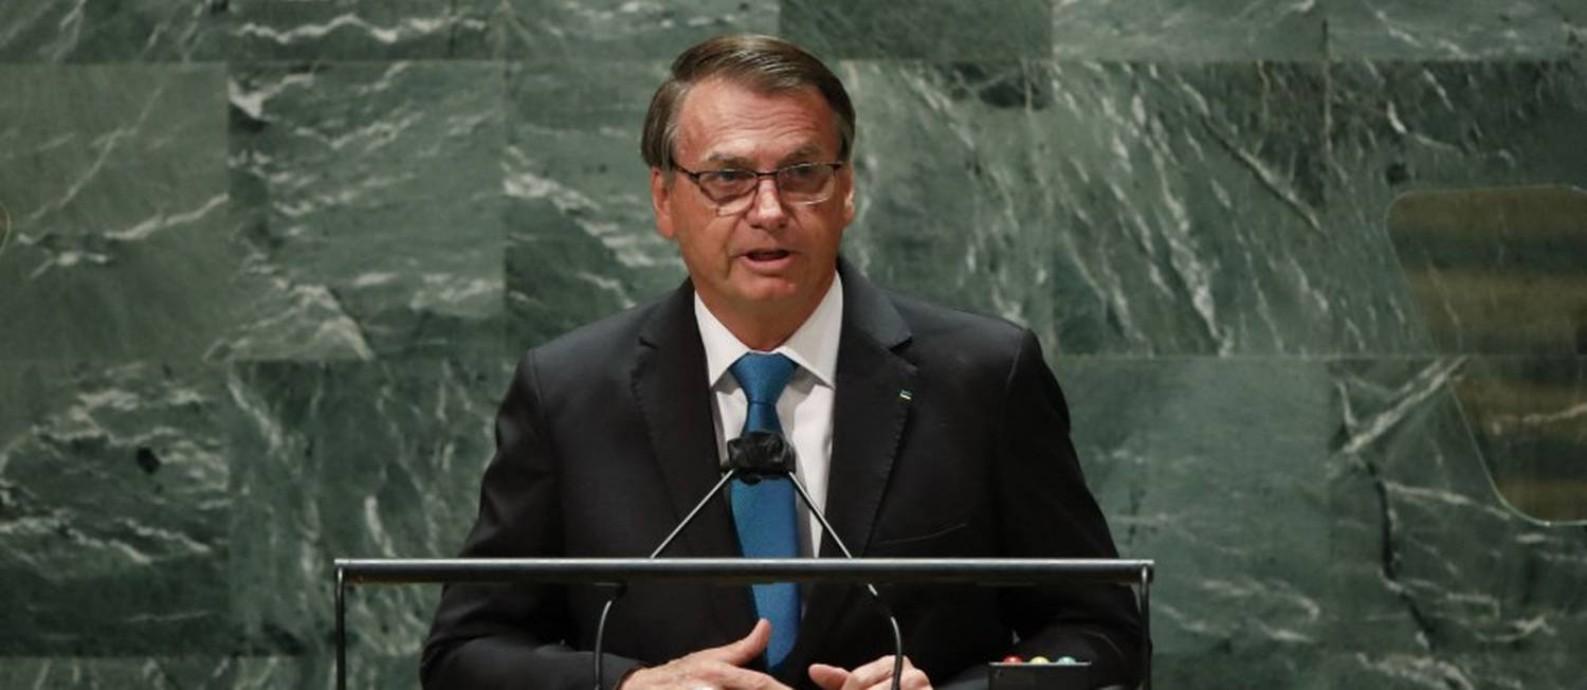 Presidente Jair Bolsonaro durante discurso na Assembleia Geral da ONU, em Nova York Foto: AFP